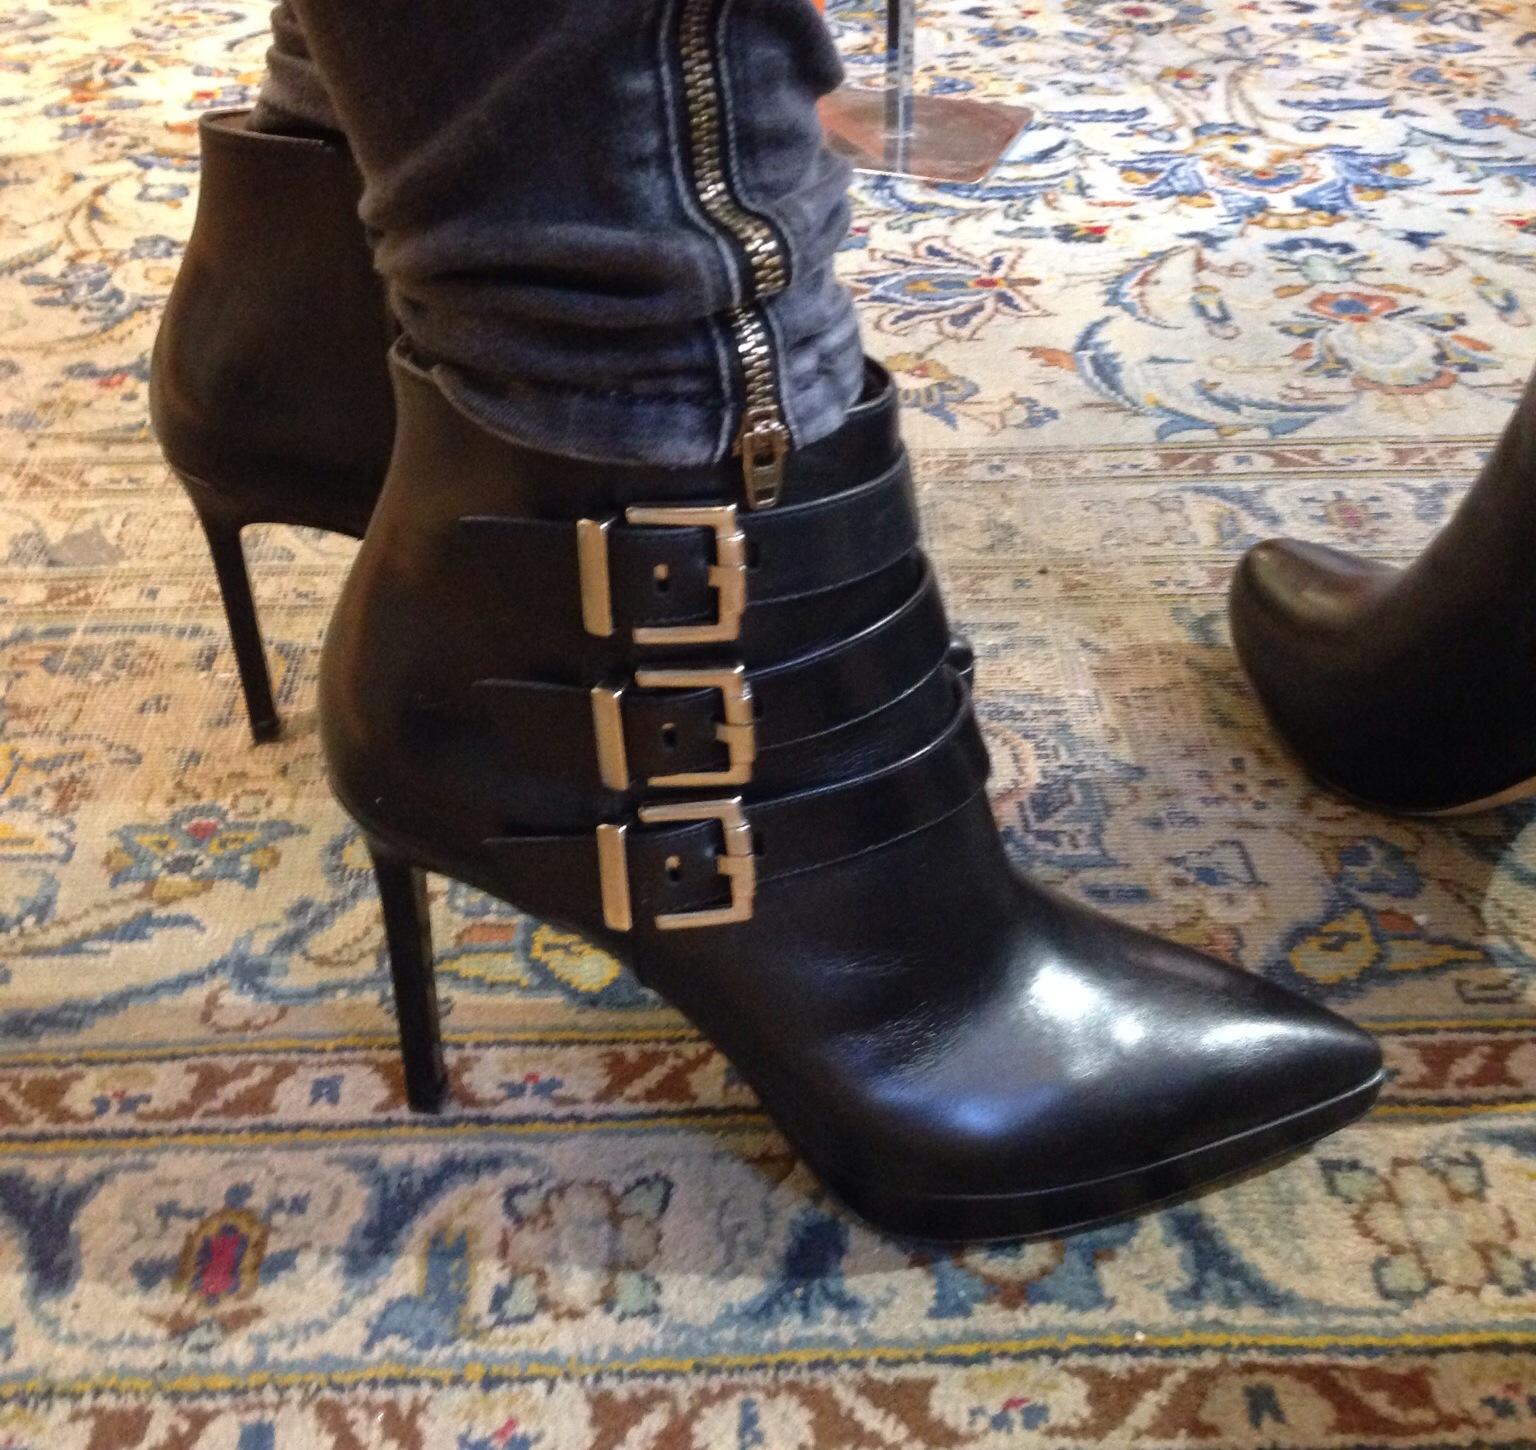 d77f2ed502d Shoppat skor. 27 januari, 2015. Jag har köpt nya skor!!! Eller rättare sagt  FYRA par nya skor…. Det brukar bli så när jag väl ...